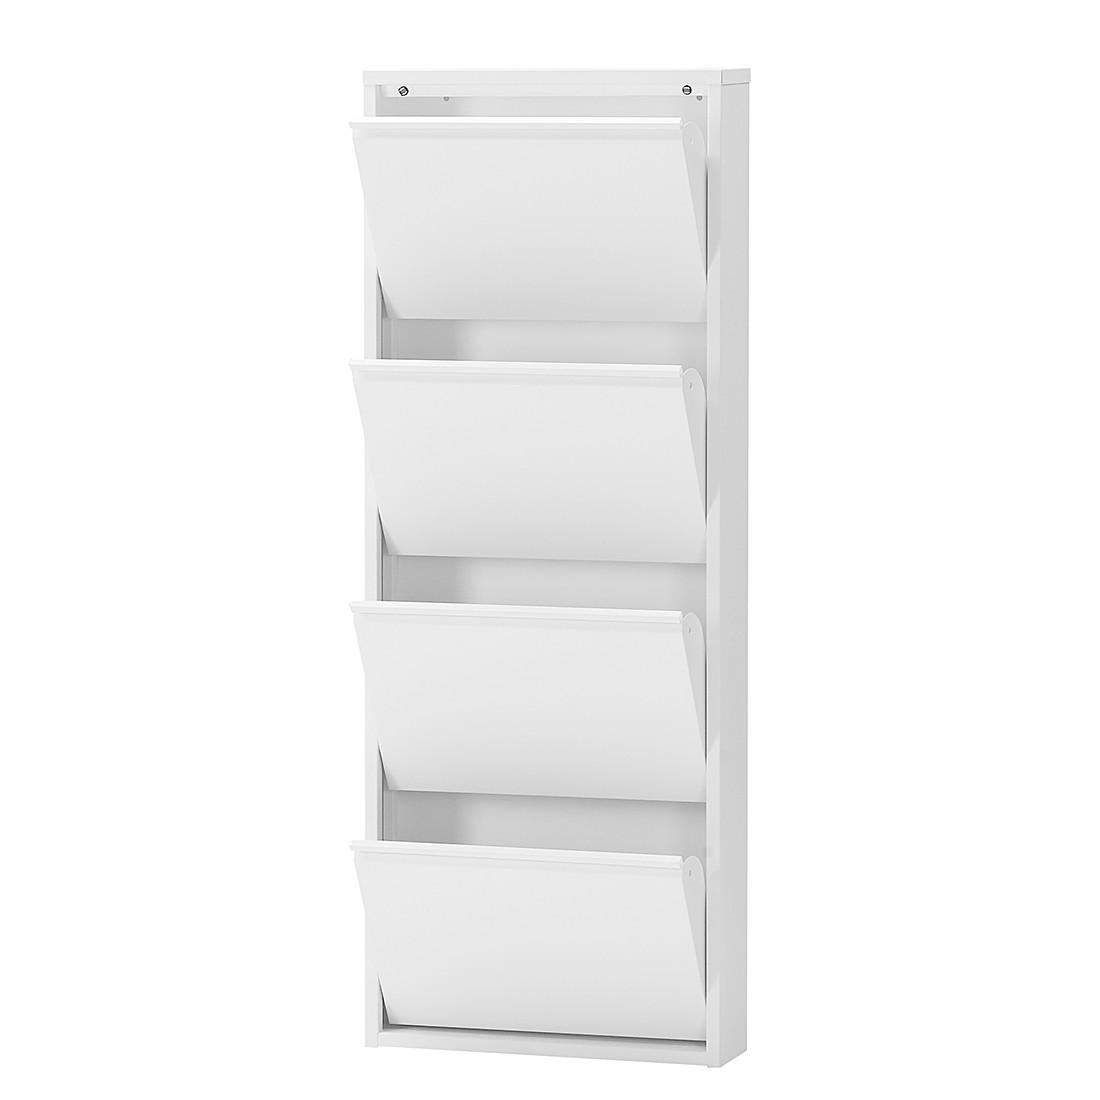 Schoenenkast Cabinet - wit - 4 kleppen, mooved